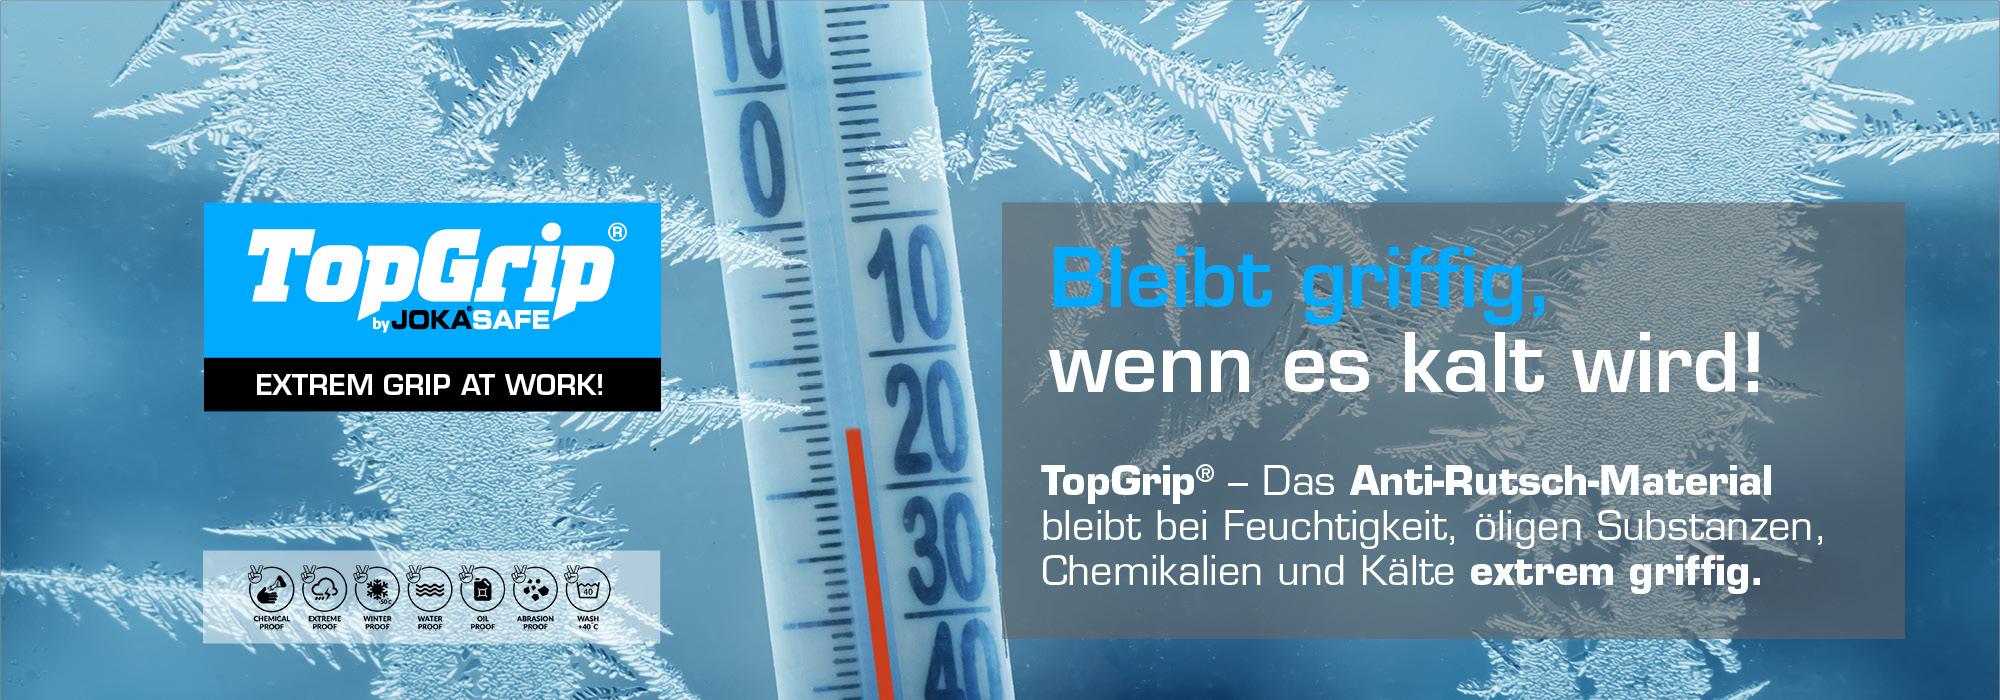 TopGrip - Bleibt griffig, wenn es kalt wird!